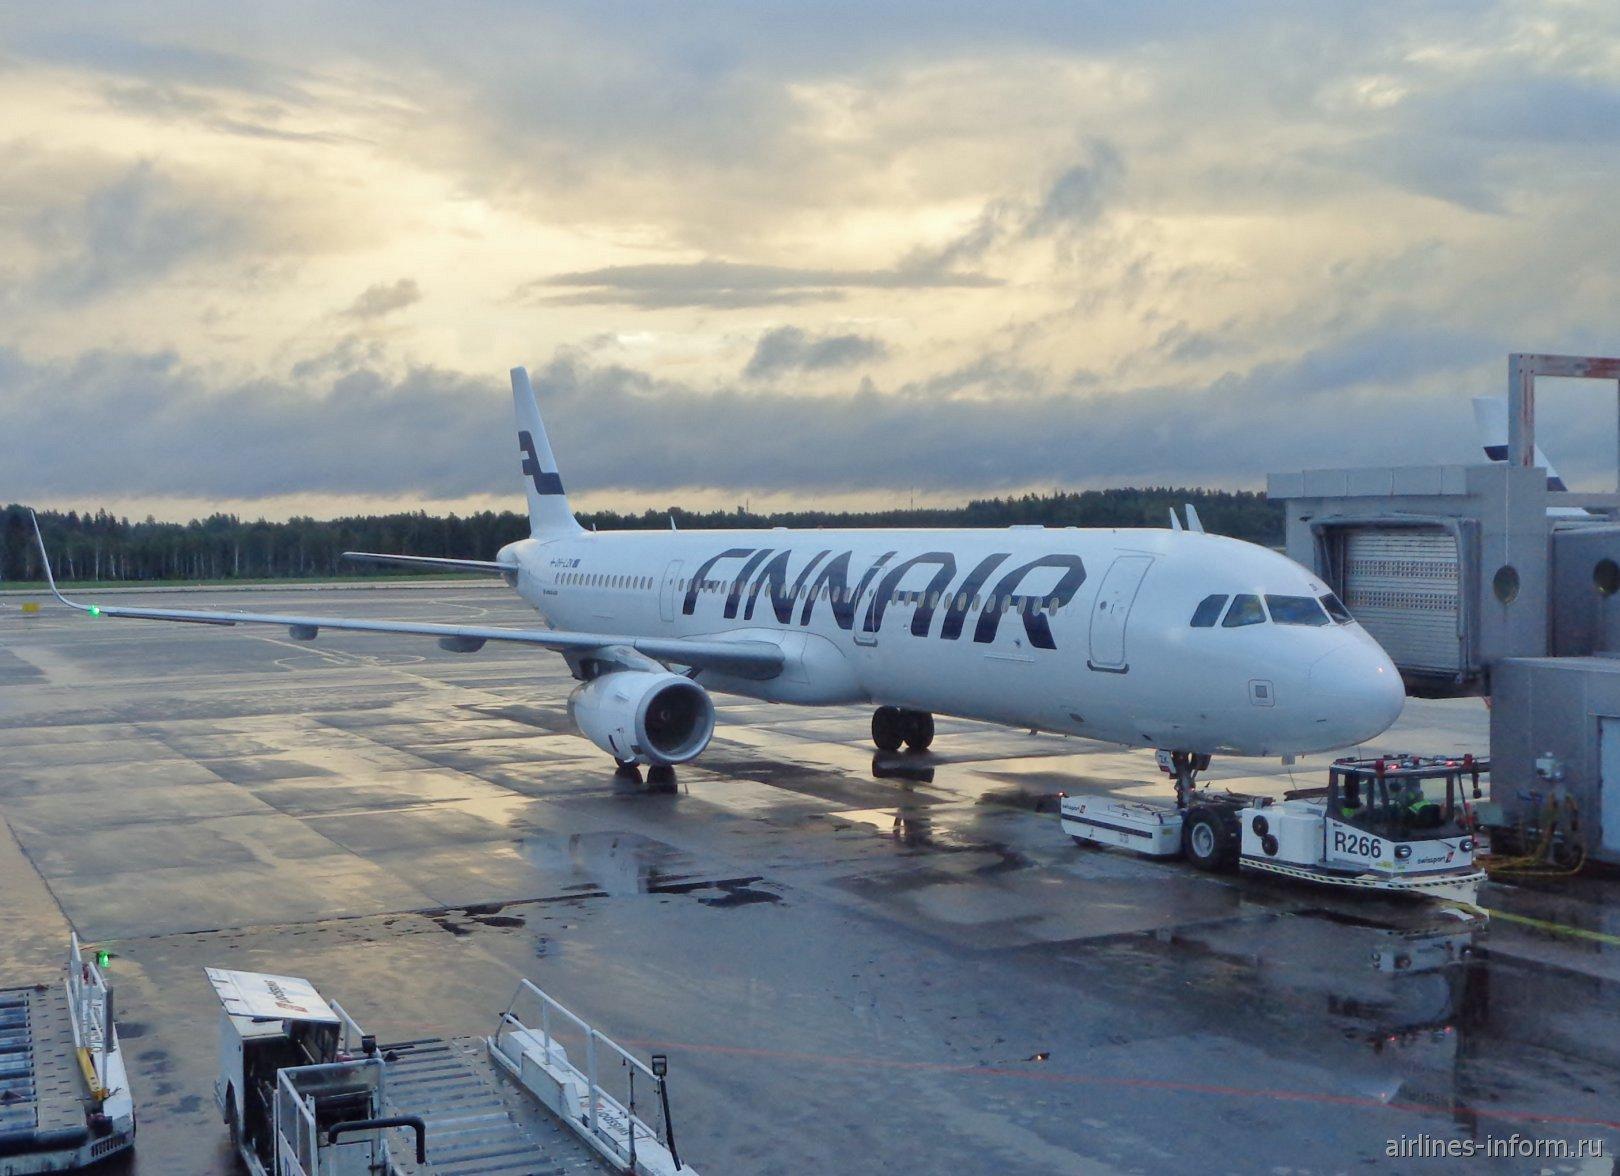 Самолет Airbus A321 авиакомпании Finnair в аэропорту Хельсинки Вантаа